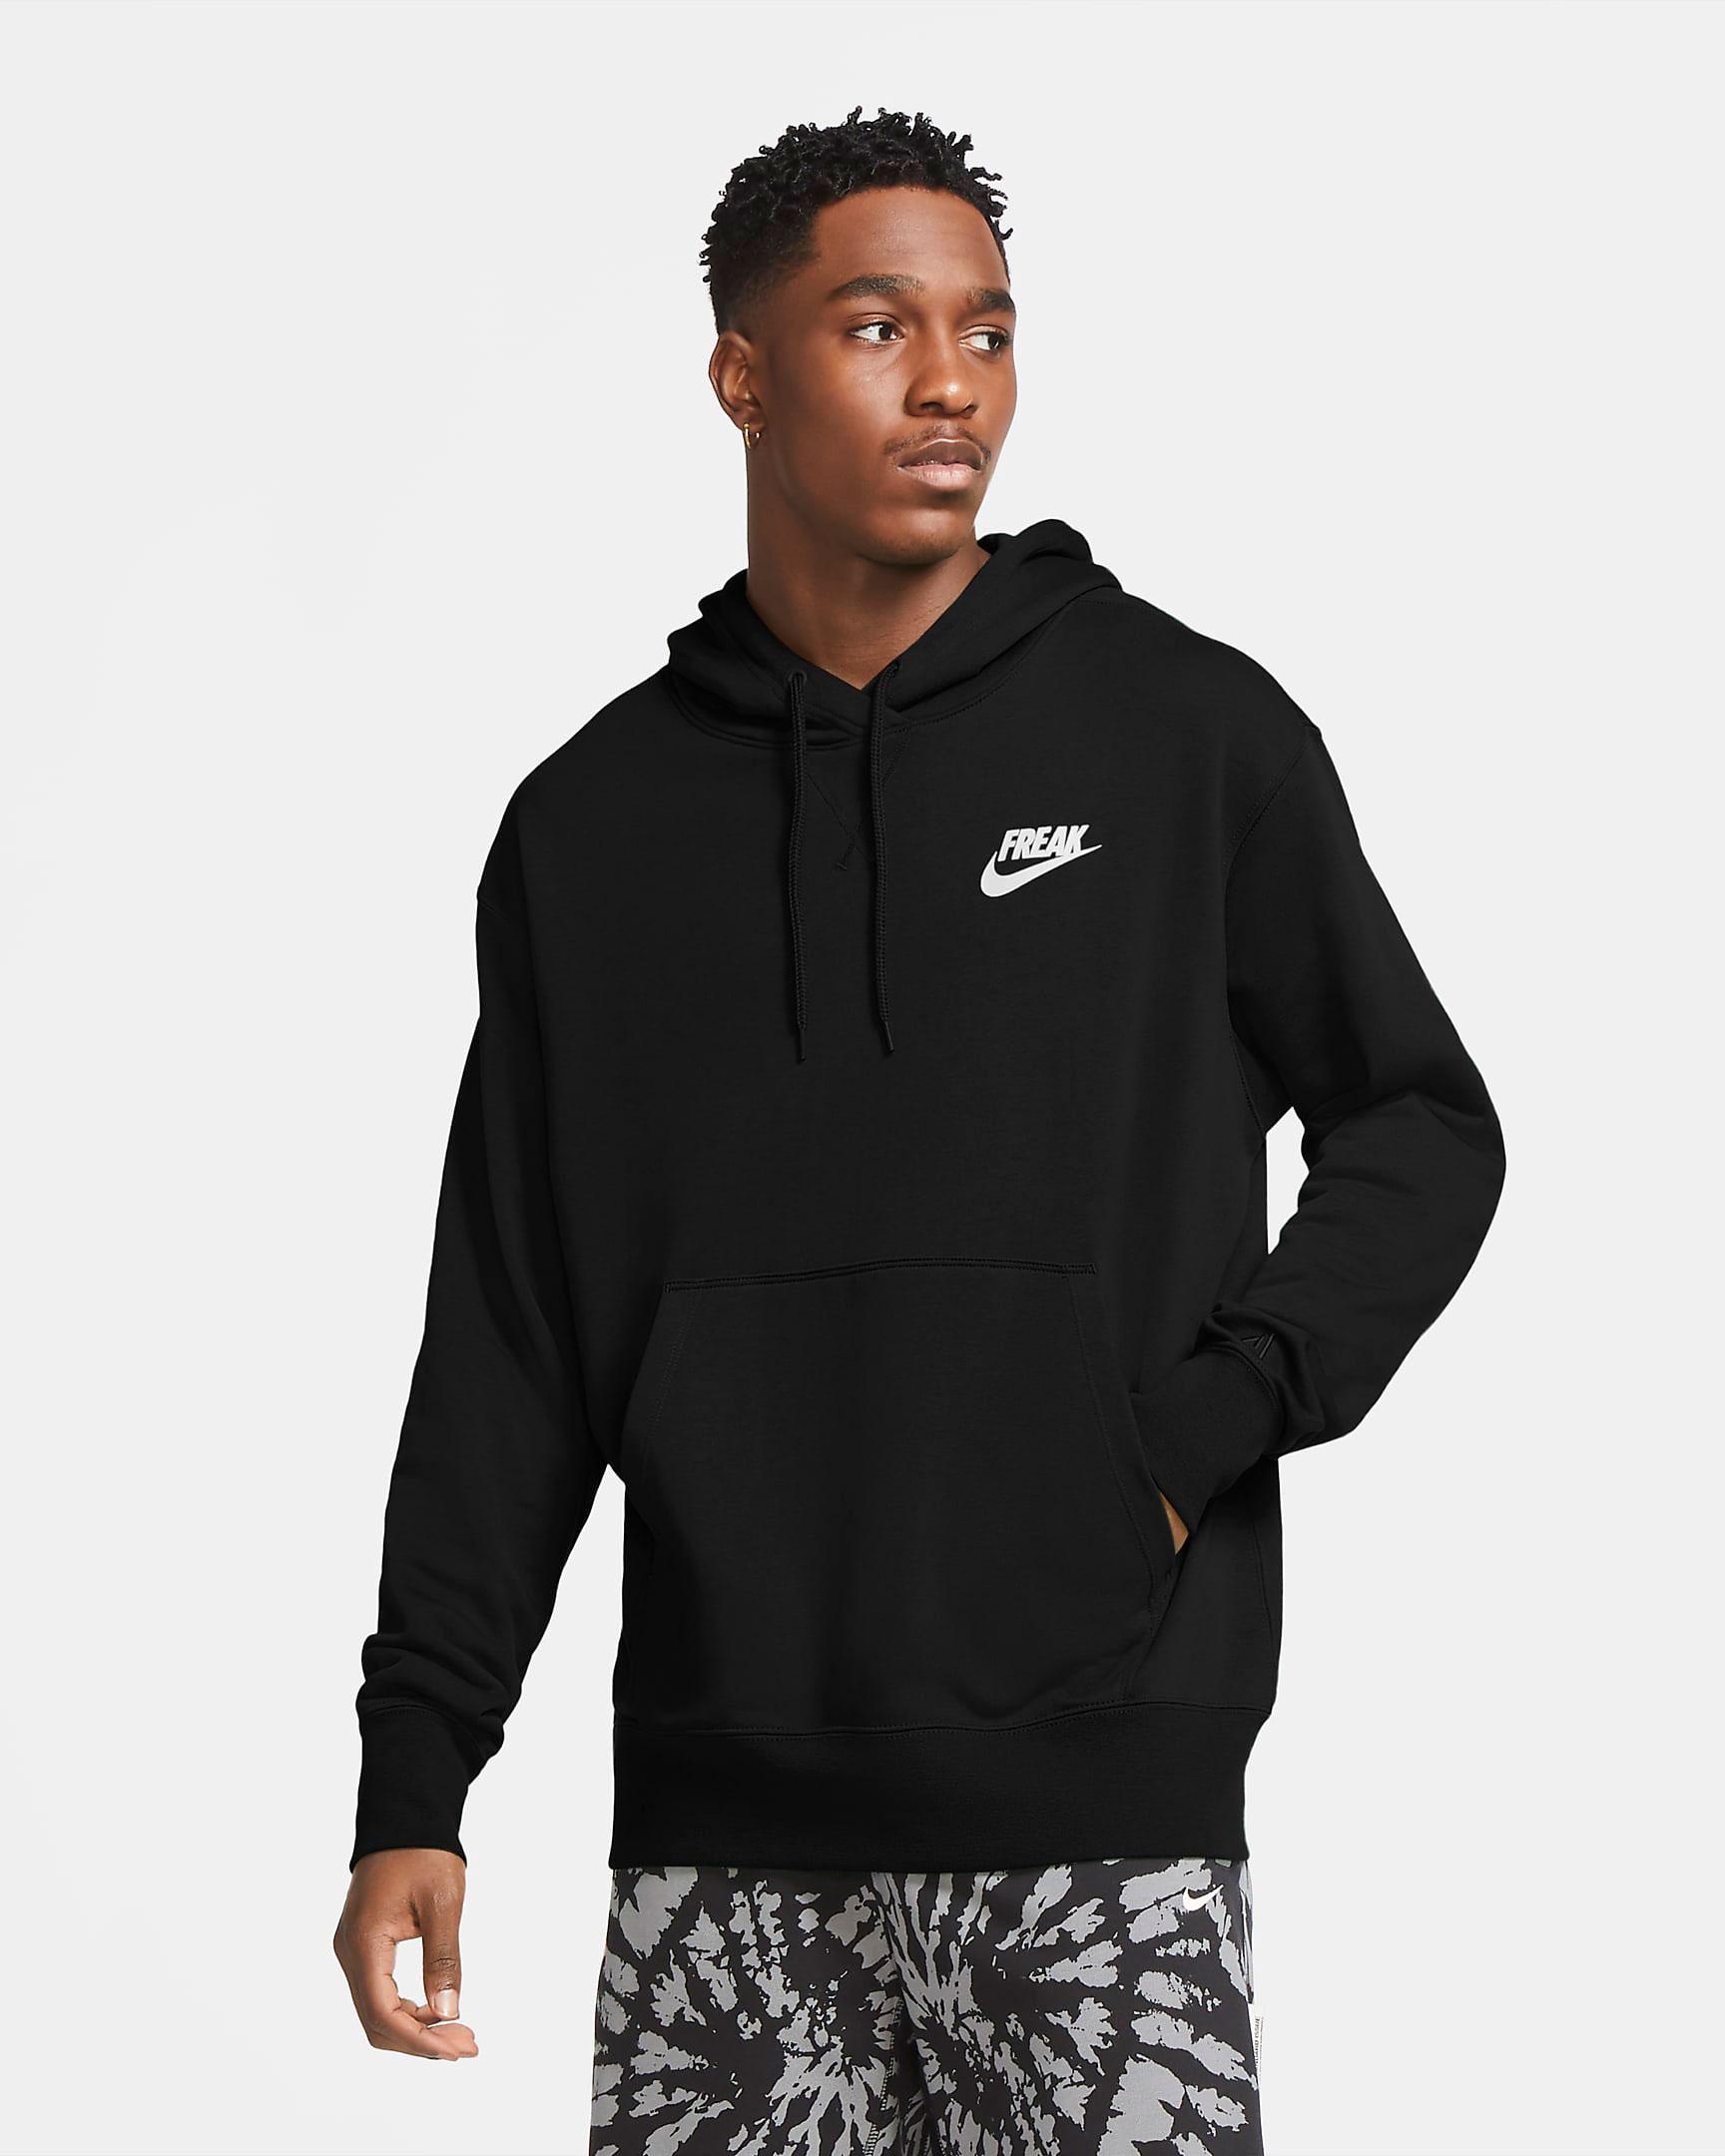 nike-zoom-freak-2-black-white-hoodie-1